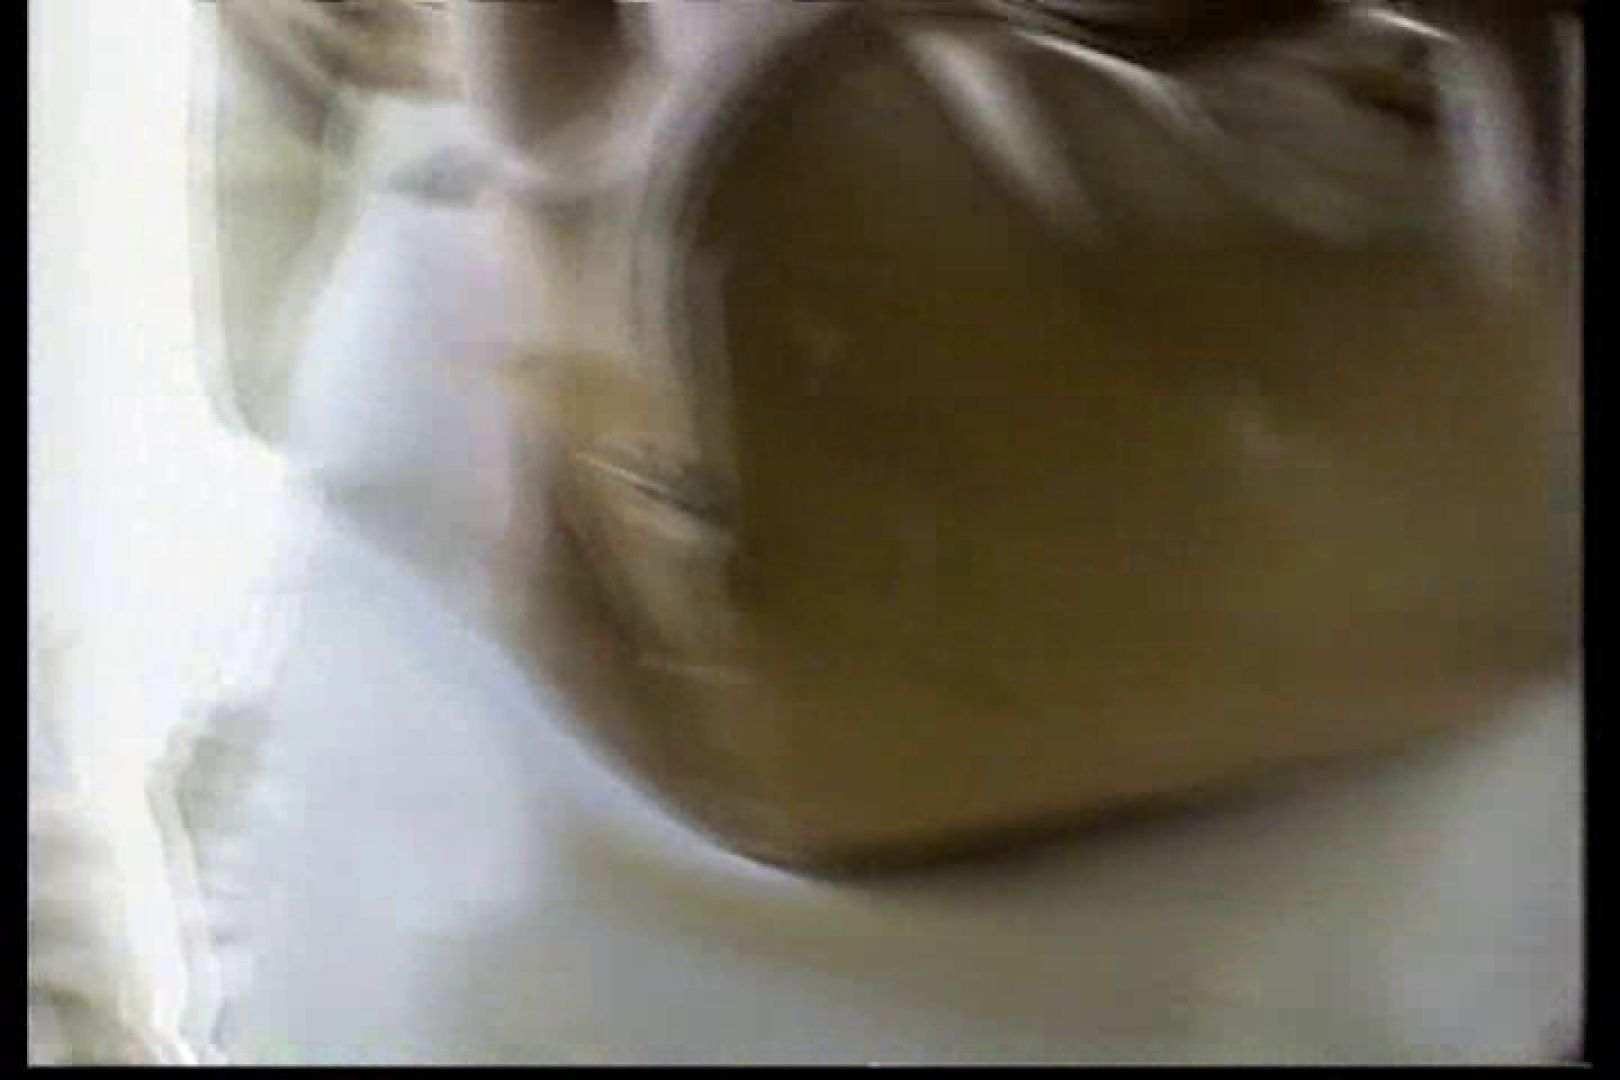 気になるあのコのパンツを盗撮 TK-061 ぱっくり下半身 すけべAV動画紹介 67画像 59